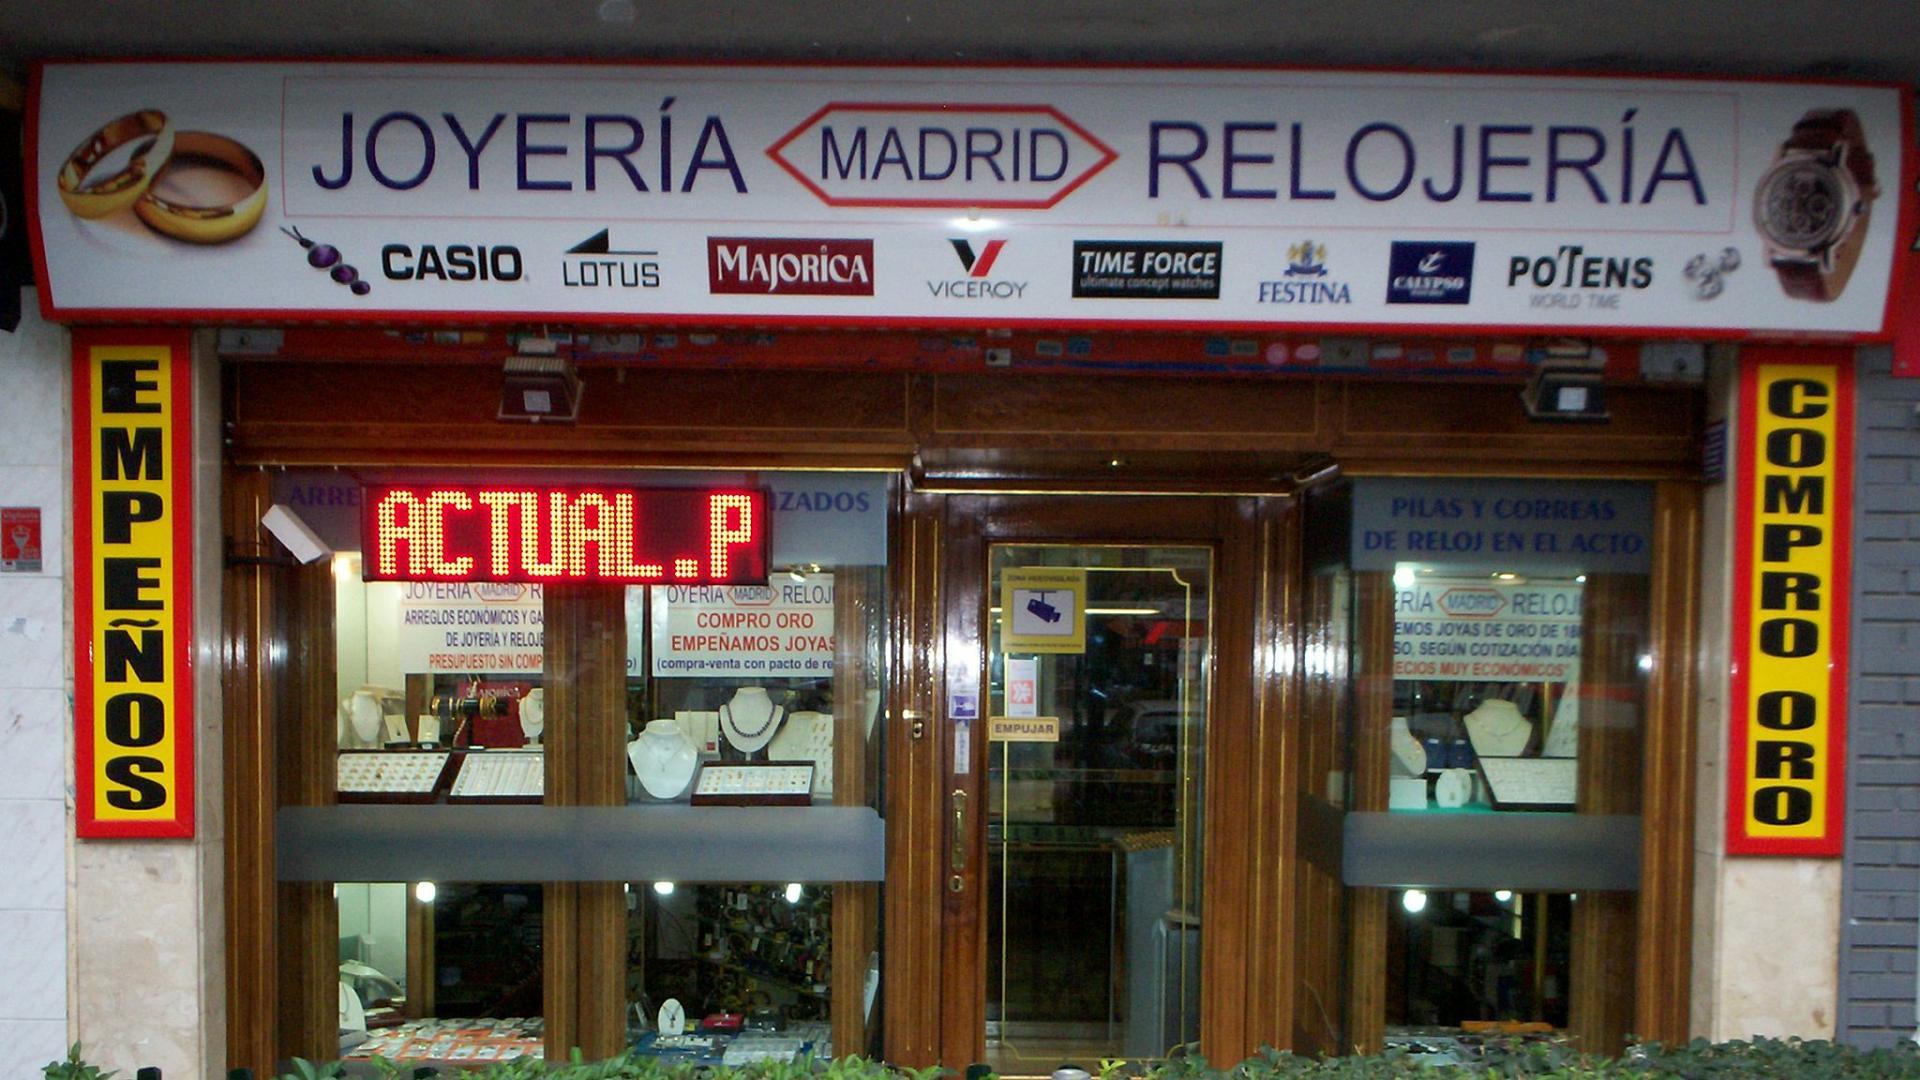 Compro Oro Torrejon De Ardoz Joyeria Madrid